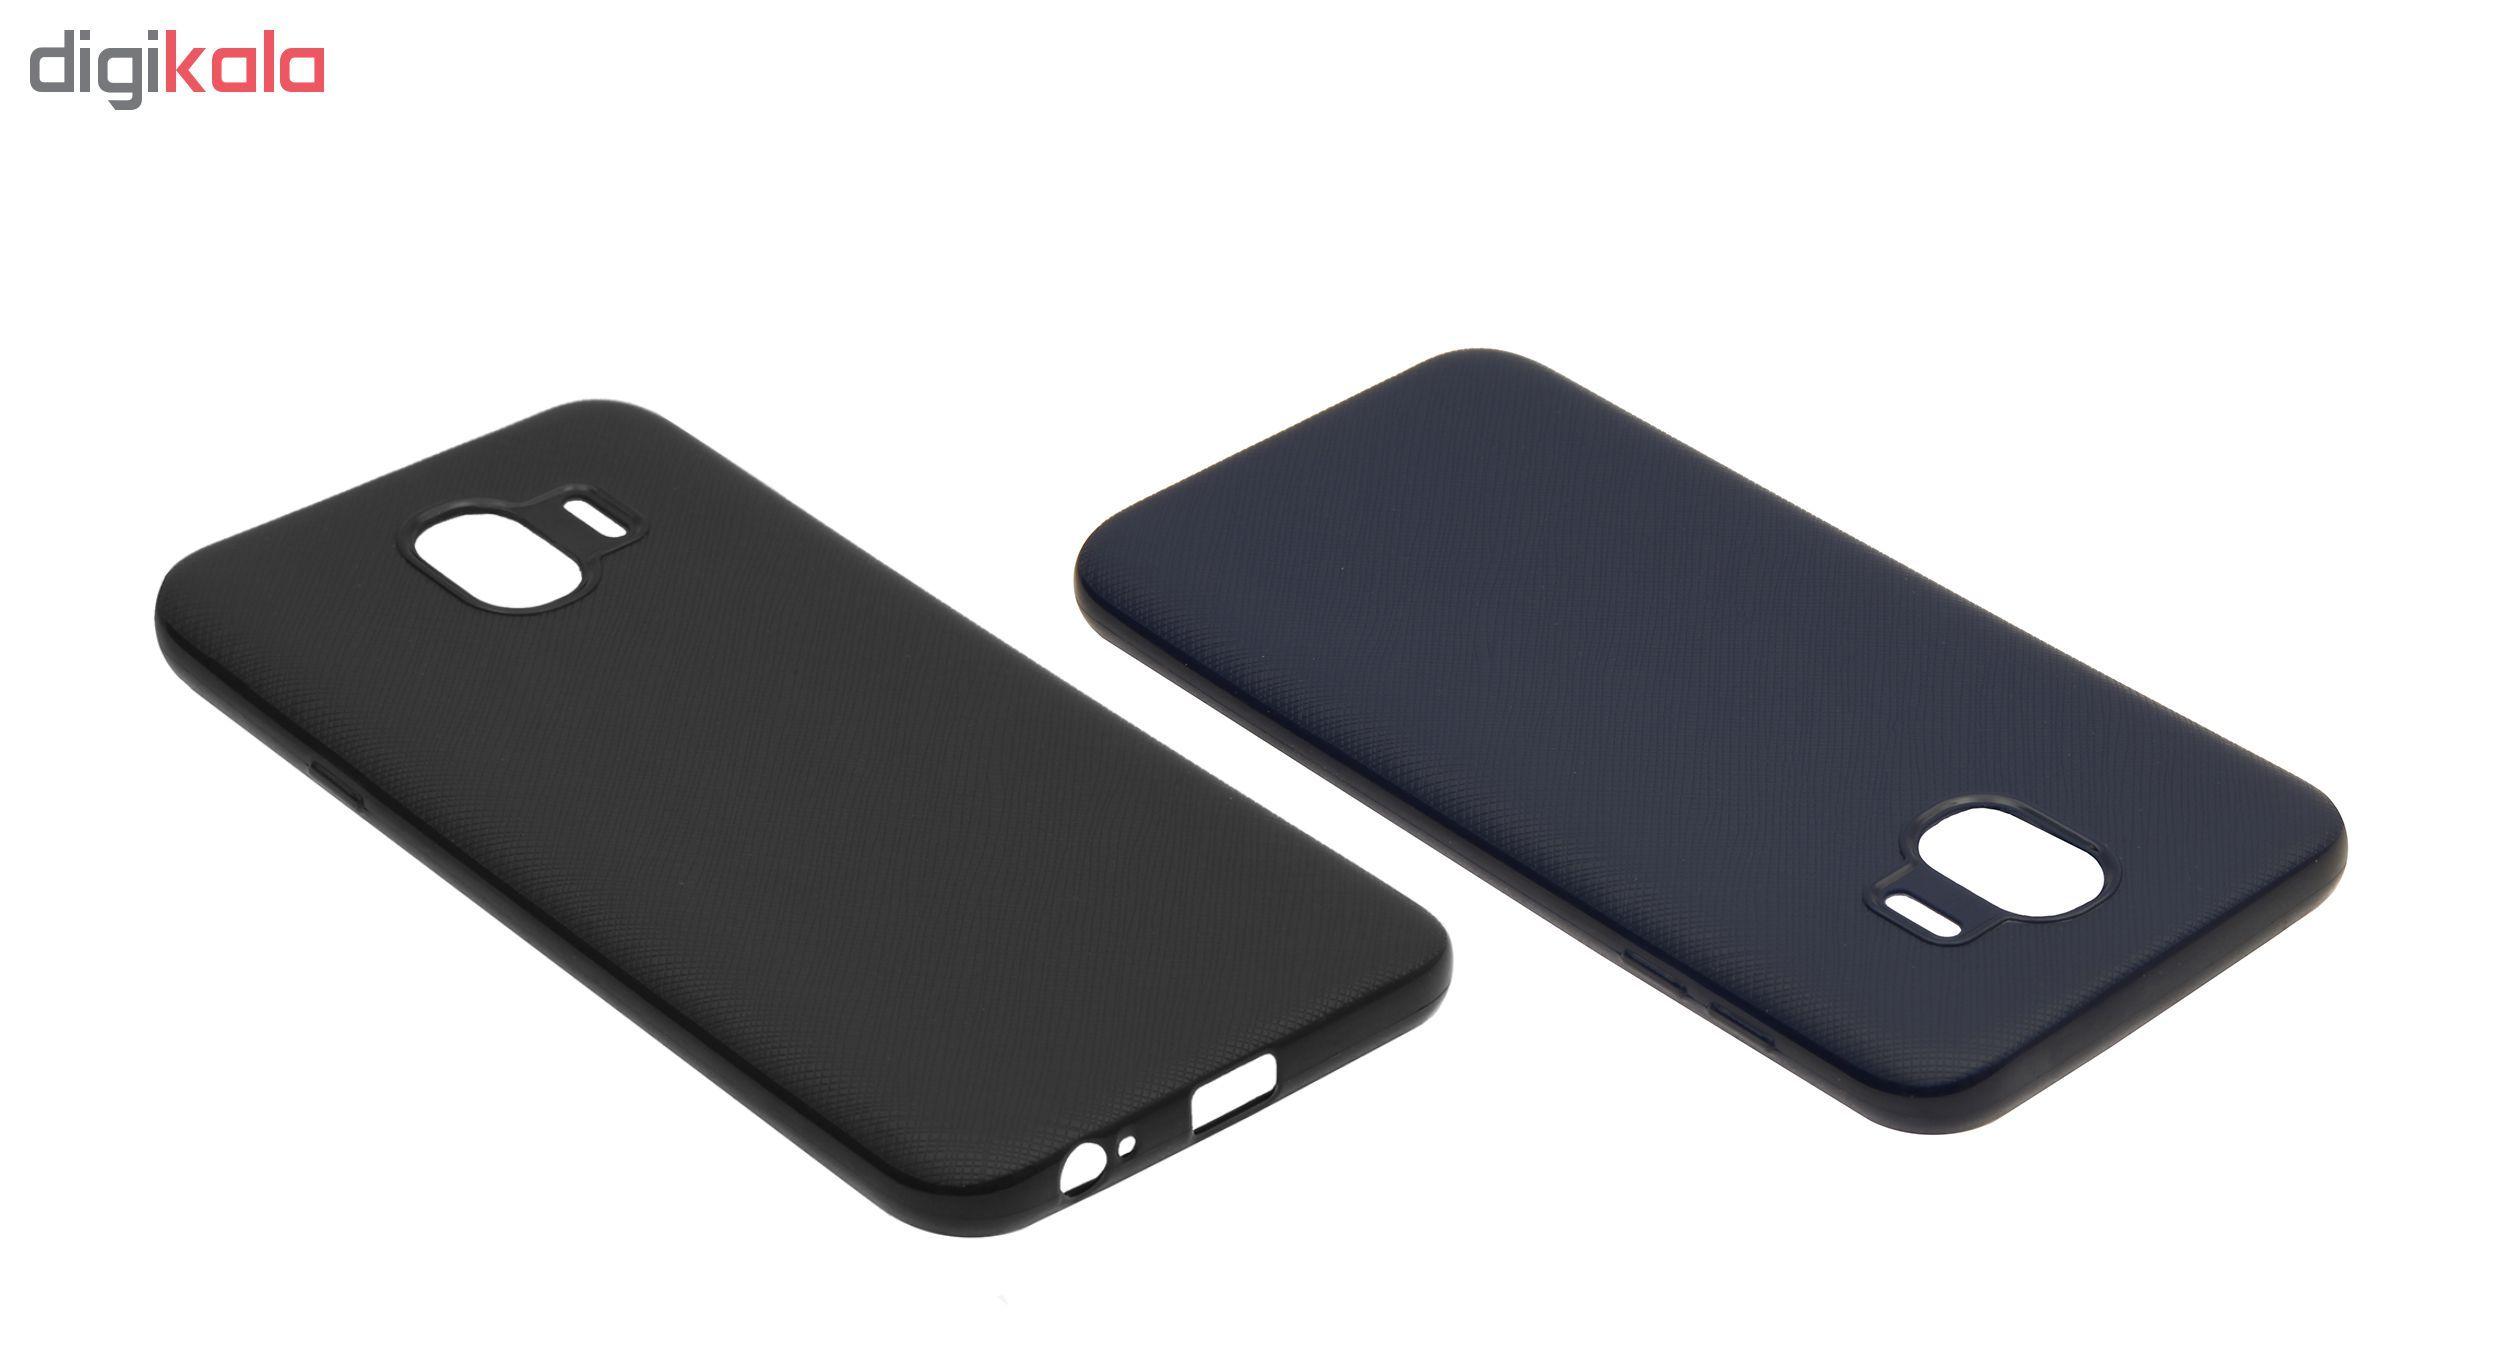 کاور سومگ مدل SC-i001 مناسب برای گوشی موبایل سامسونگ J4 -2018 main 1 6